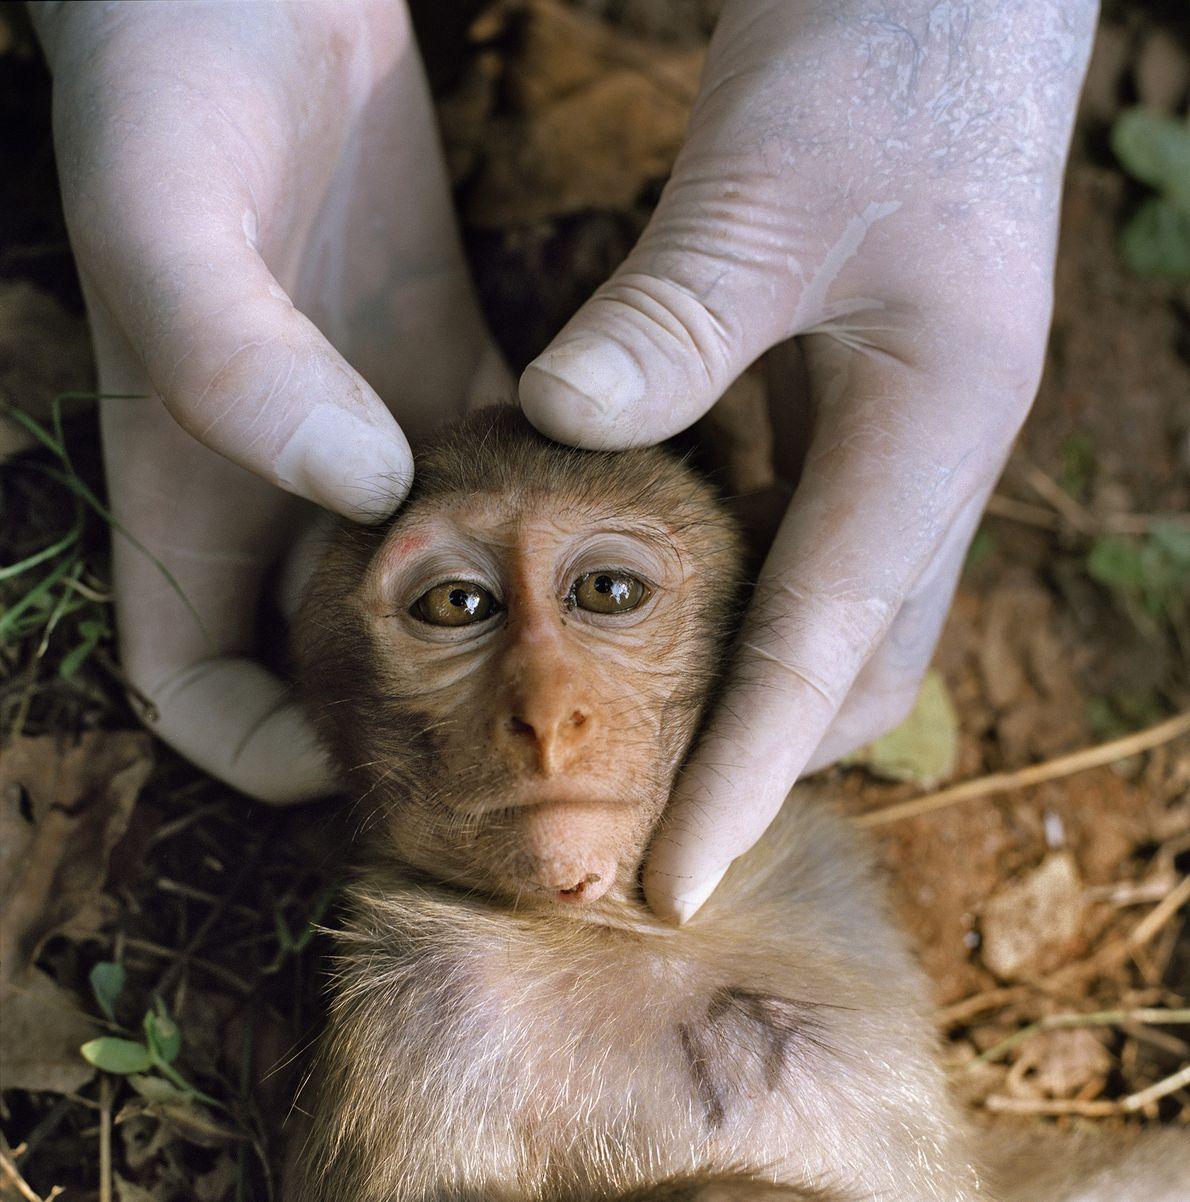 Ein betäubter, junger Rhesusaffe wird in Dhamrai, Bangladesch, von einem Wissenschaftler untersucht.